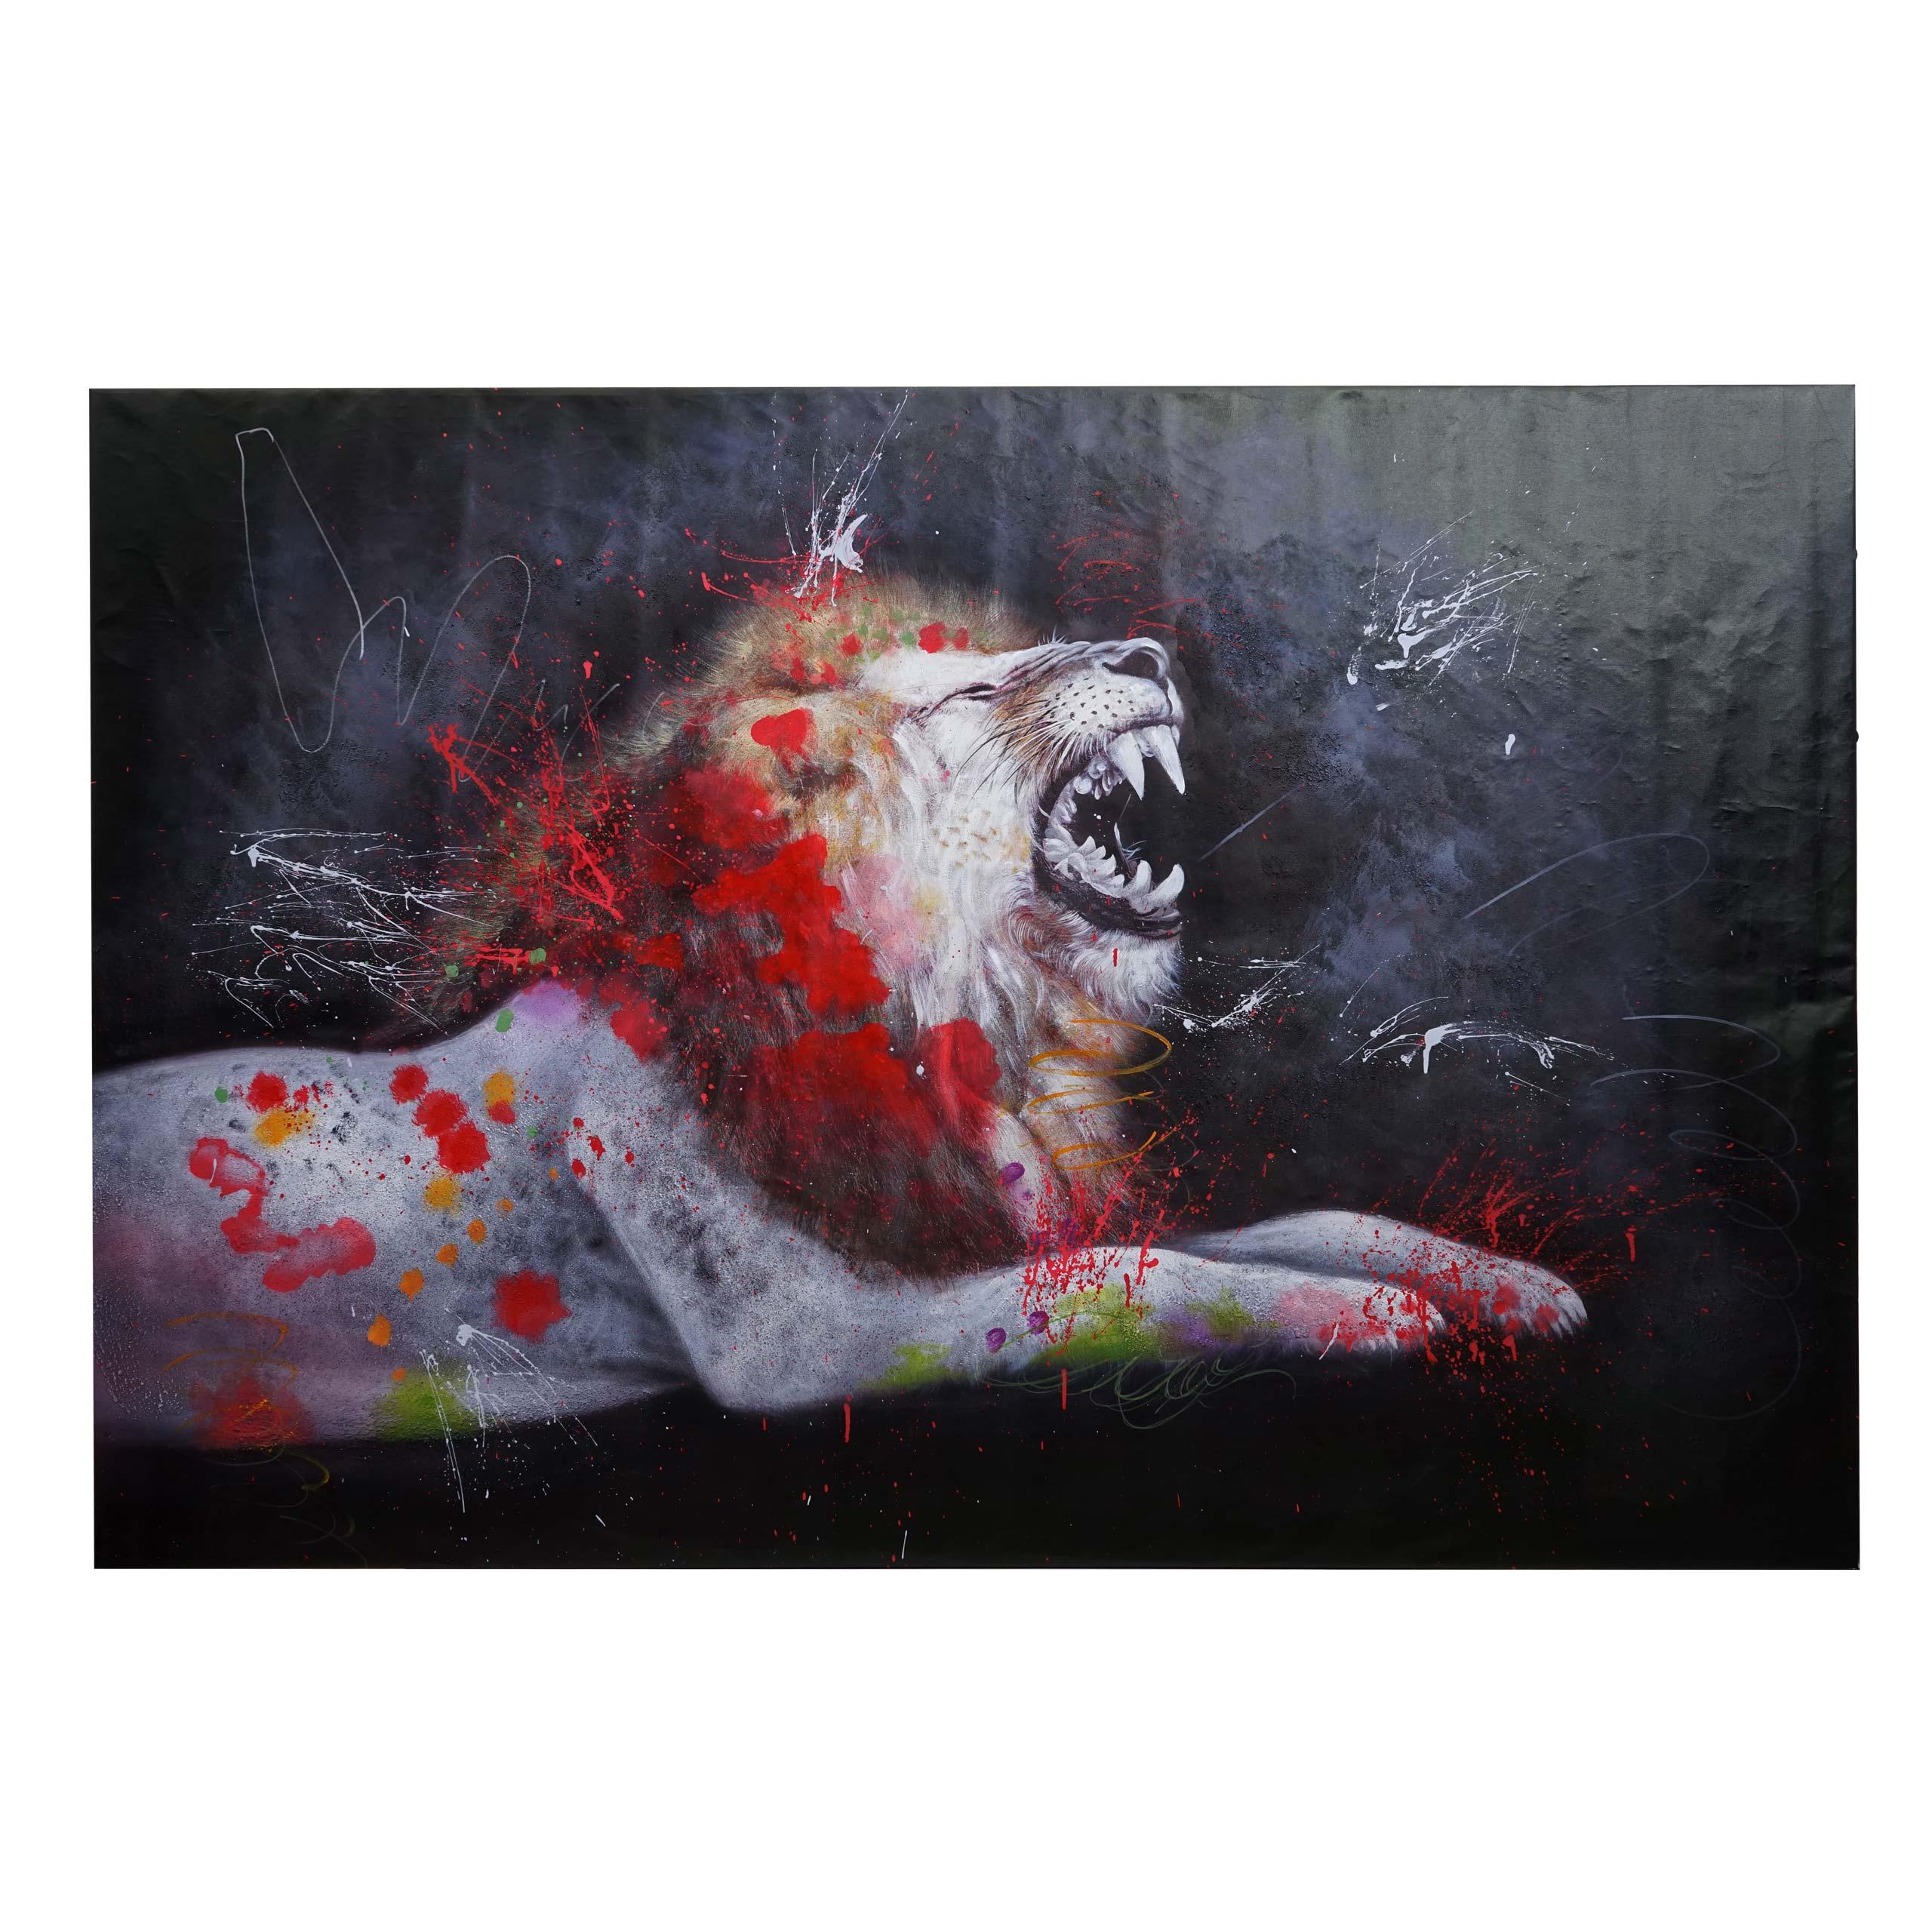 Mendler Ölgemälde Löwe HWC-H25, Leinwandbild Wandgemälde Gemälde, handgemaltes XL Wandbild ~ Variantenangebo 72761